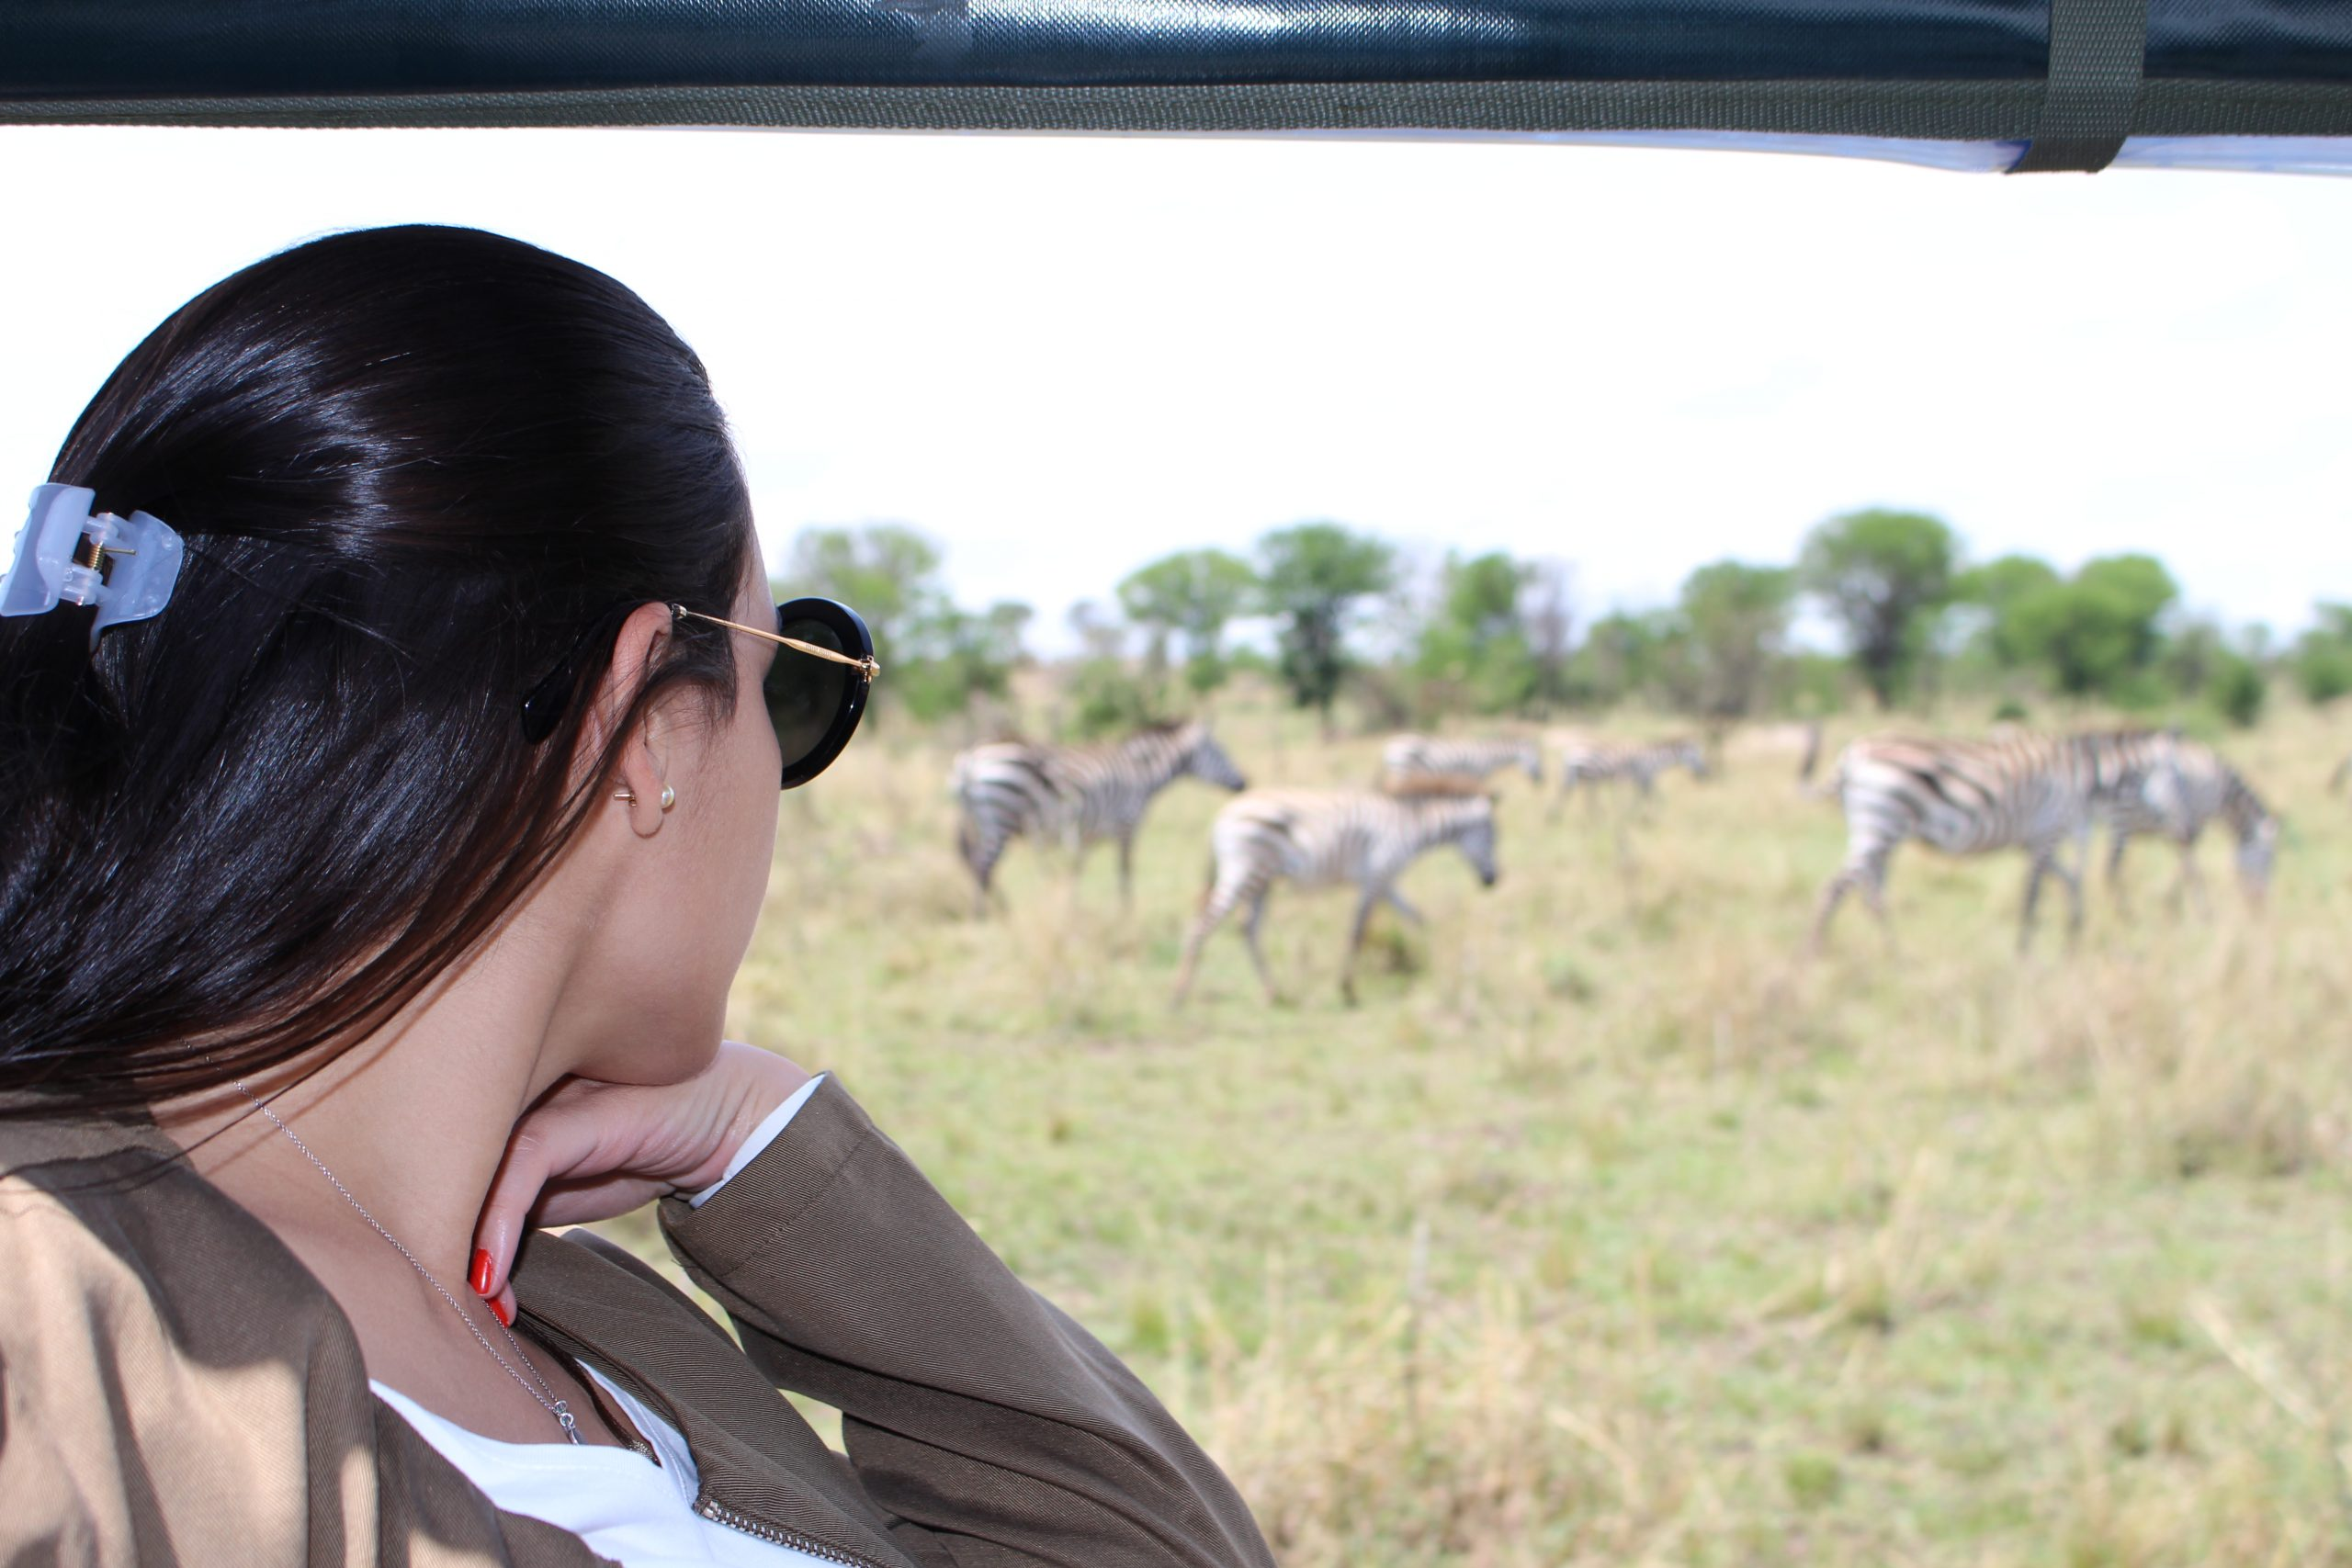 viagem_no_detalhe_zebras